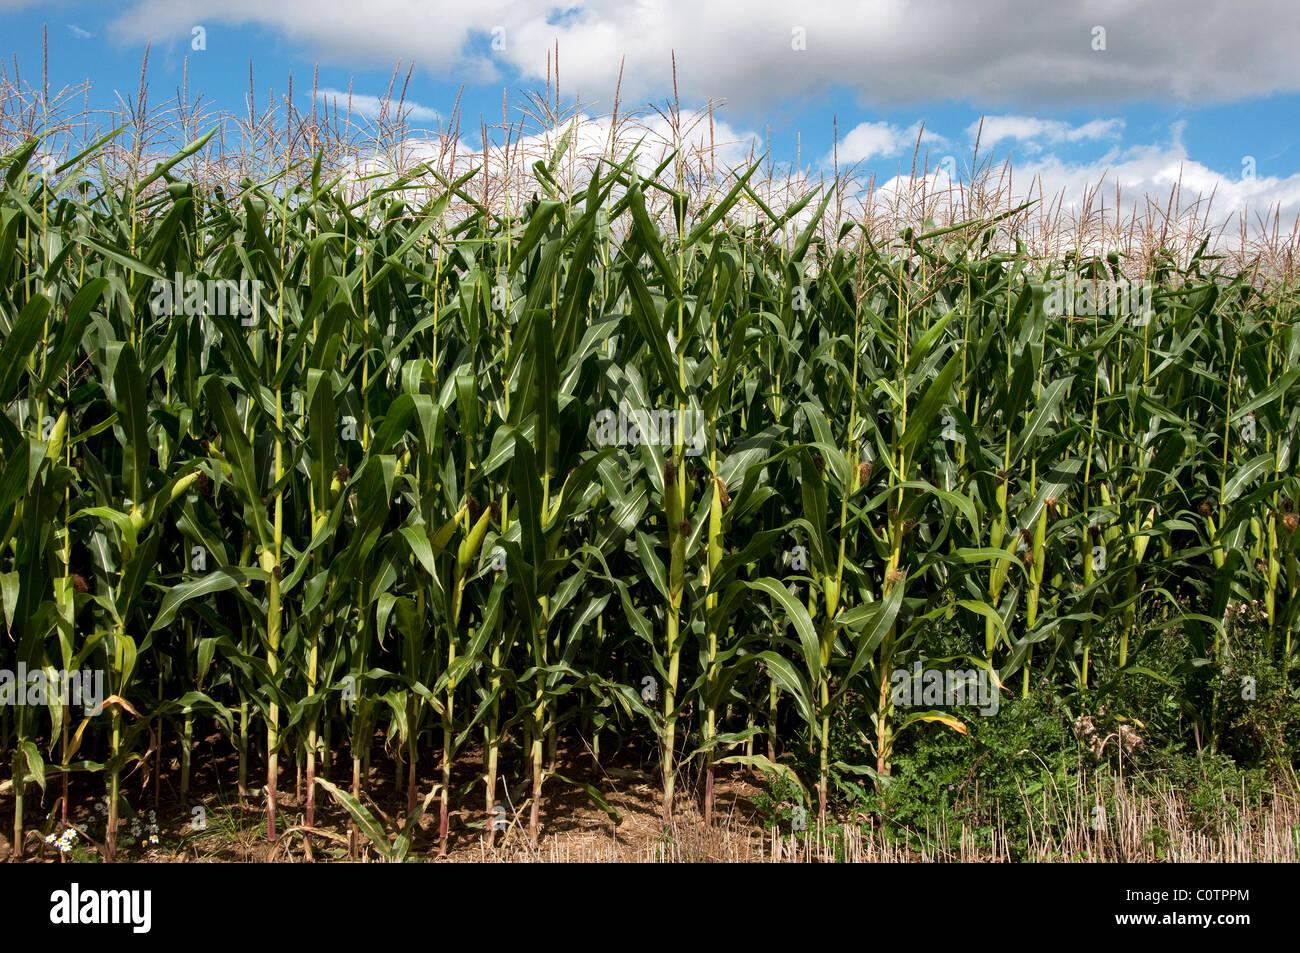 El maíz, el maíz (Zea mays). Borde de un campo de flores. Imagen De Stock